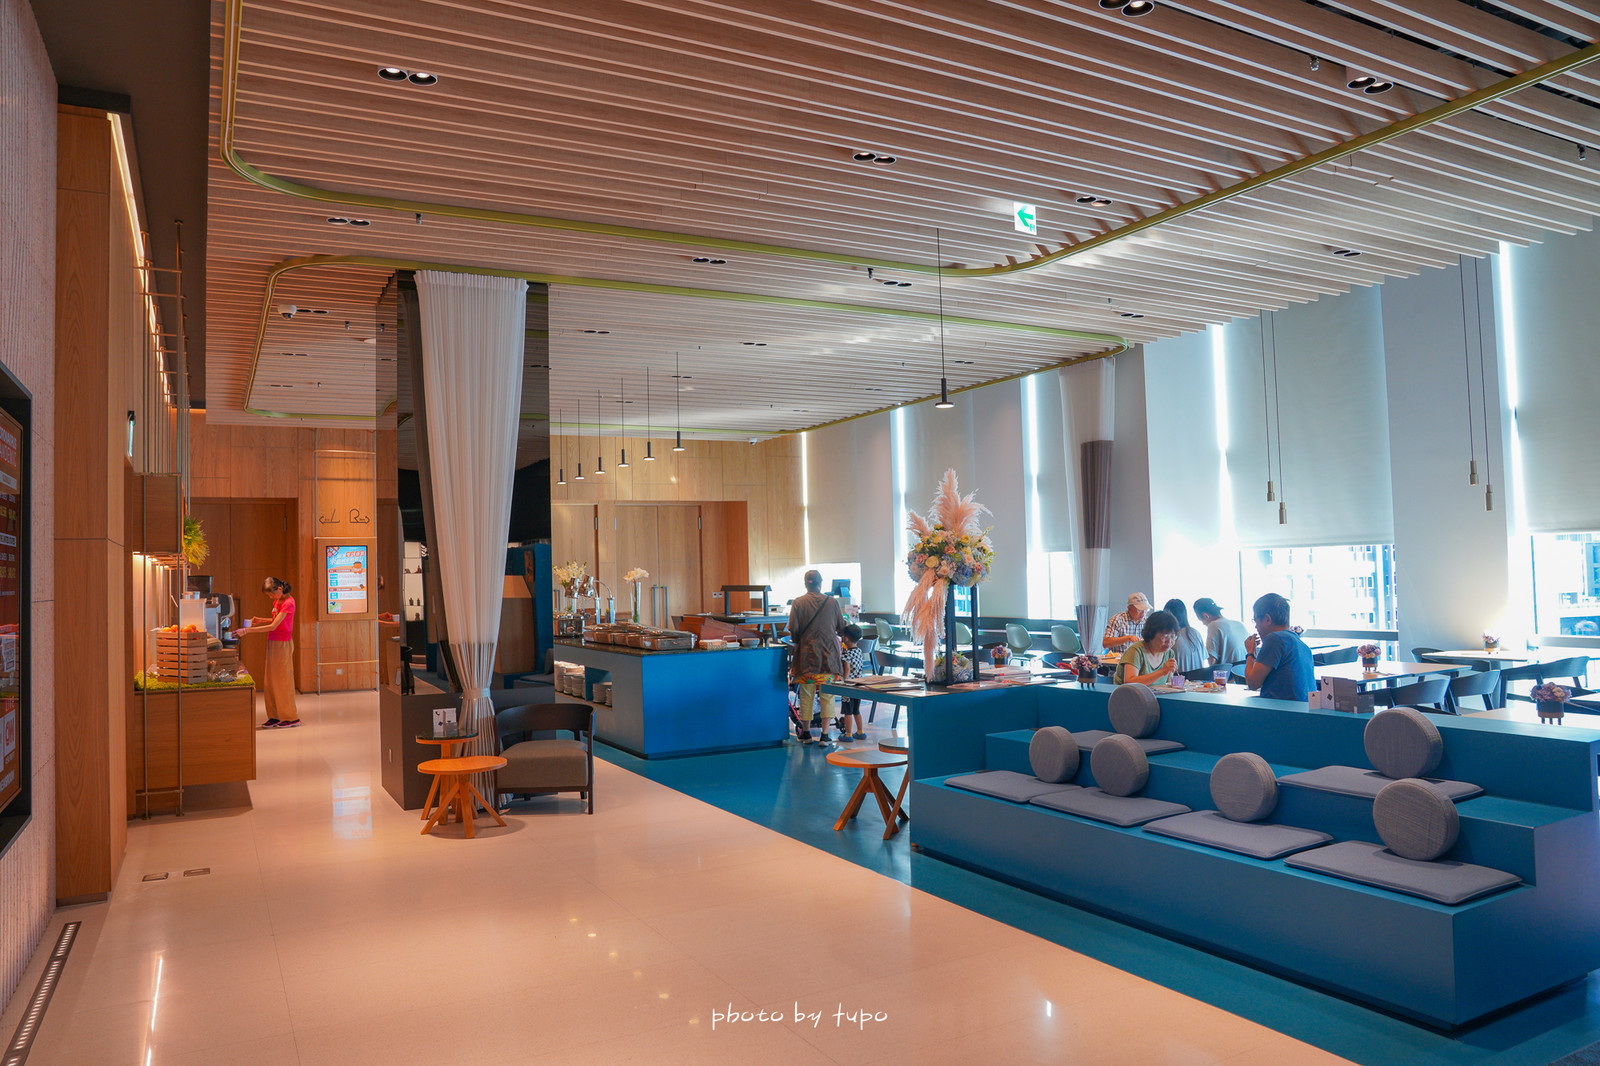 台北住宿推薦》都市渡假風!南港老爺行旅 The Place Taipei ,最大行旅套房搭配大面景觀窗,河岸市景一次擁有,大眾運輸便利